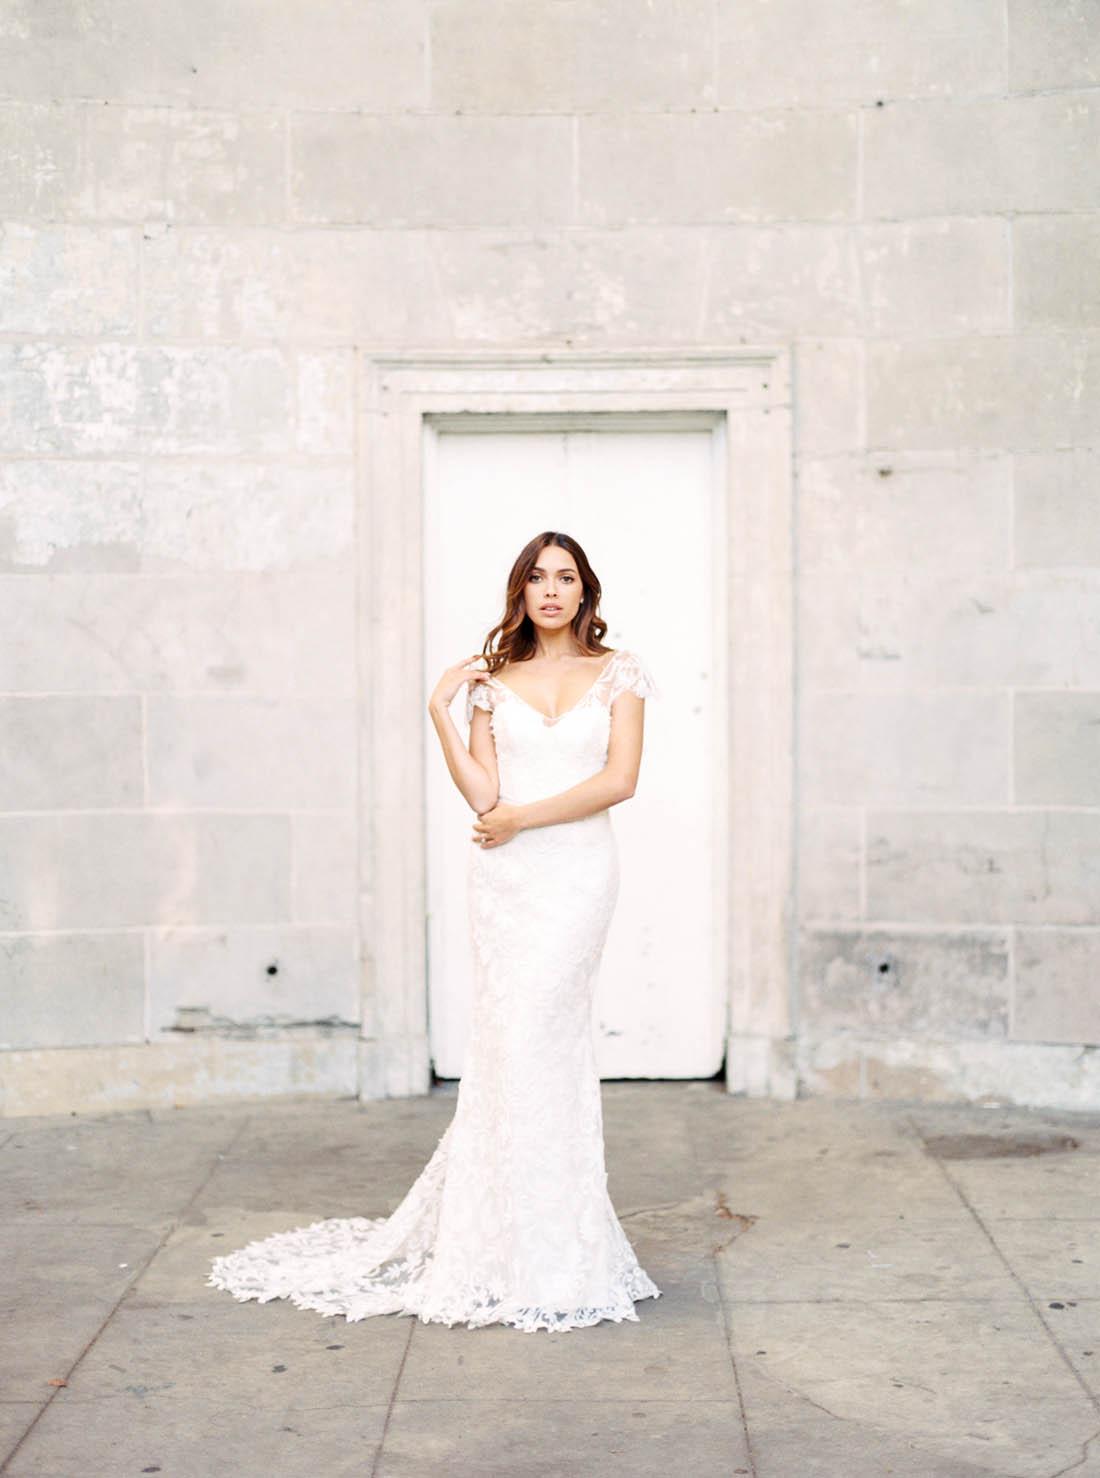 Anna Campbell Windsor vestido | Colección ceremonia